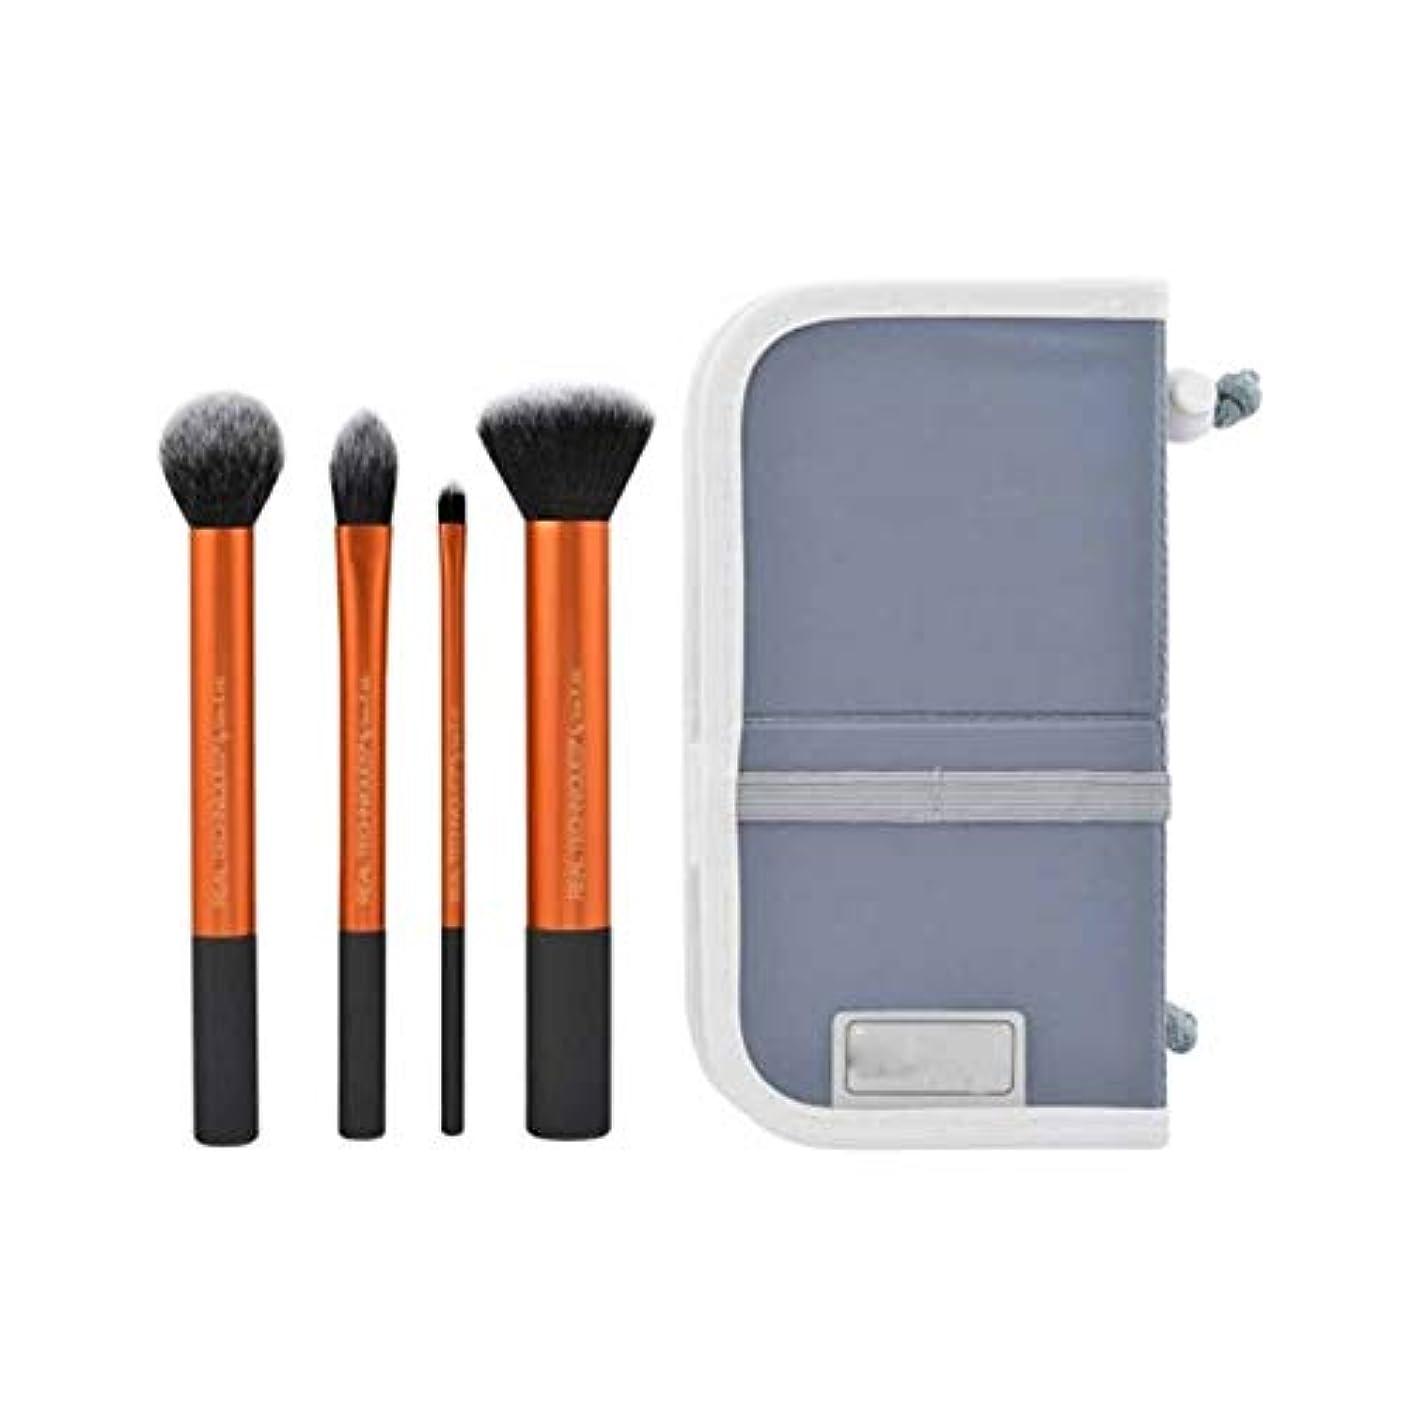 ジャズ社説熱狂的なXIAOCHAOSD メイクブラシ、メイクメイクブラシセット、輪郭ブラシリップブラシ、散布ブラシ、チークブラシ、4点セット、簡単に運ぶために (Color : Orange)